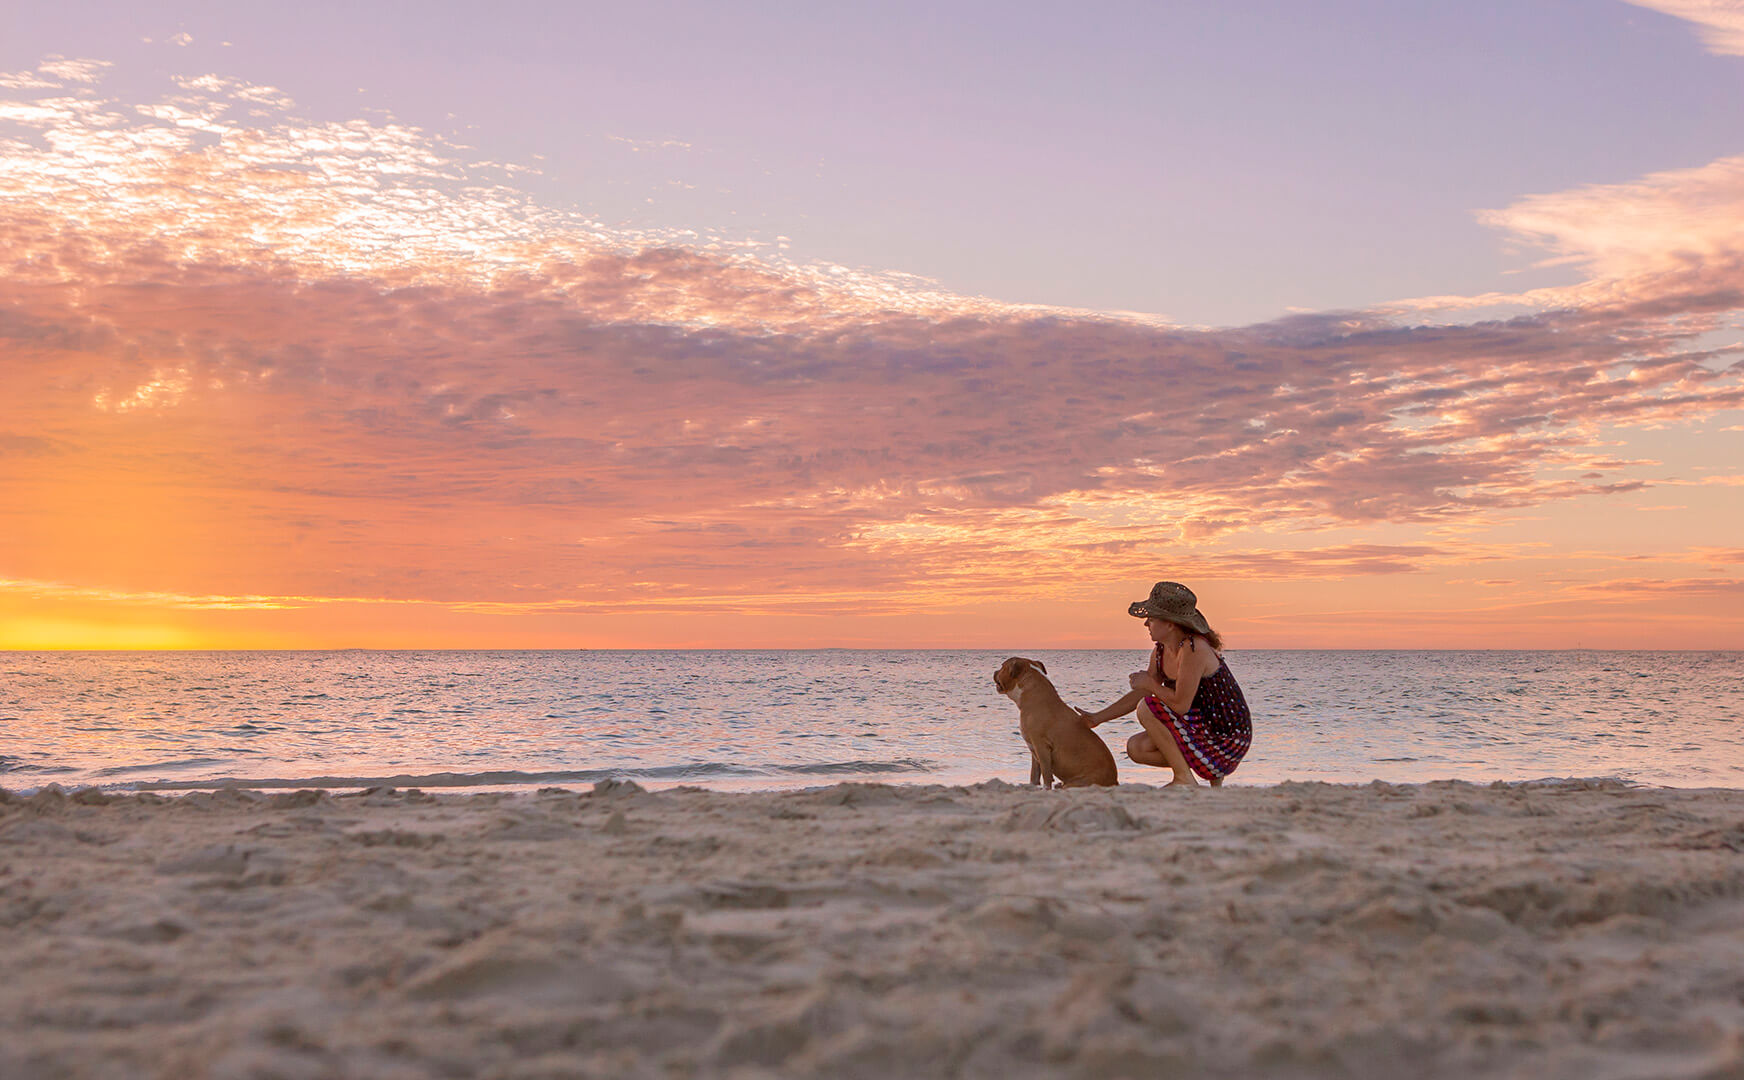 IMG_2571-sunset dog photo.jpg